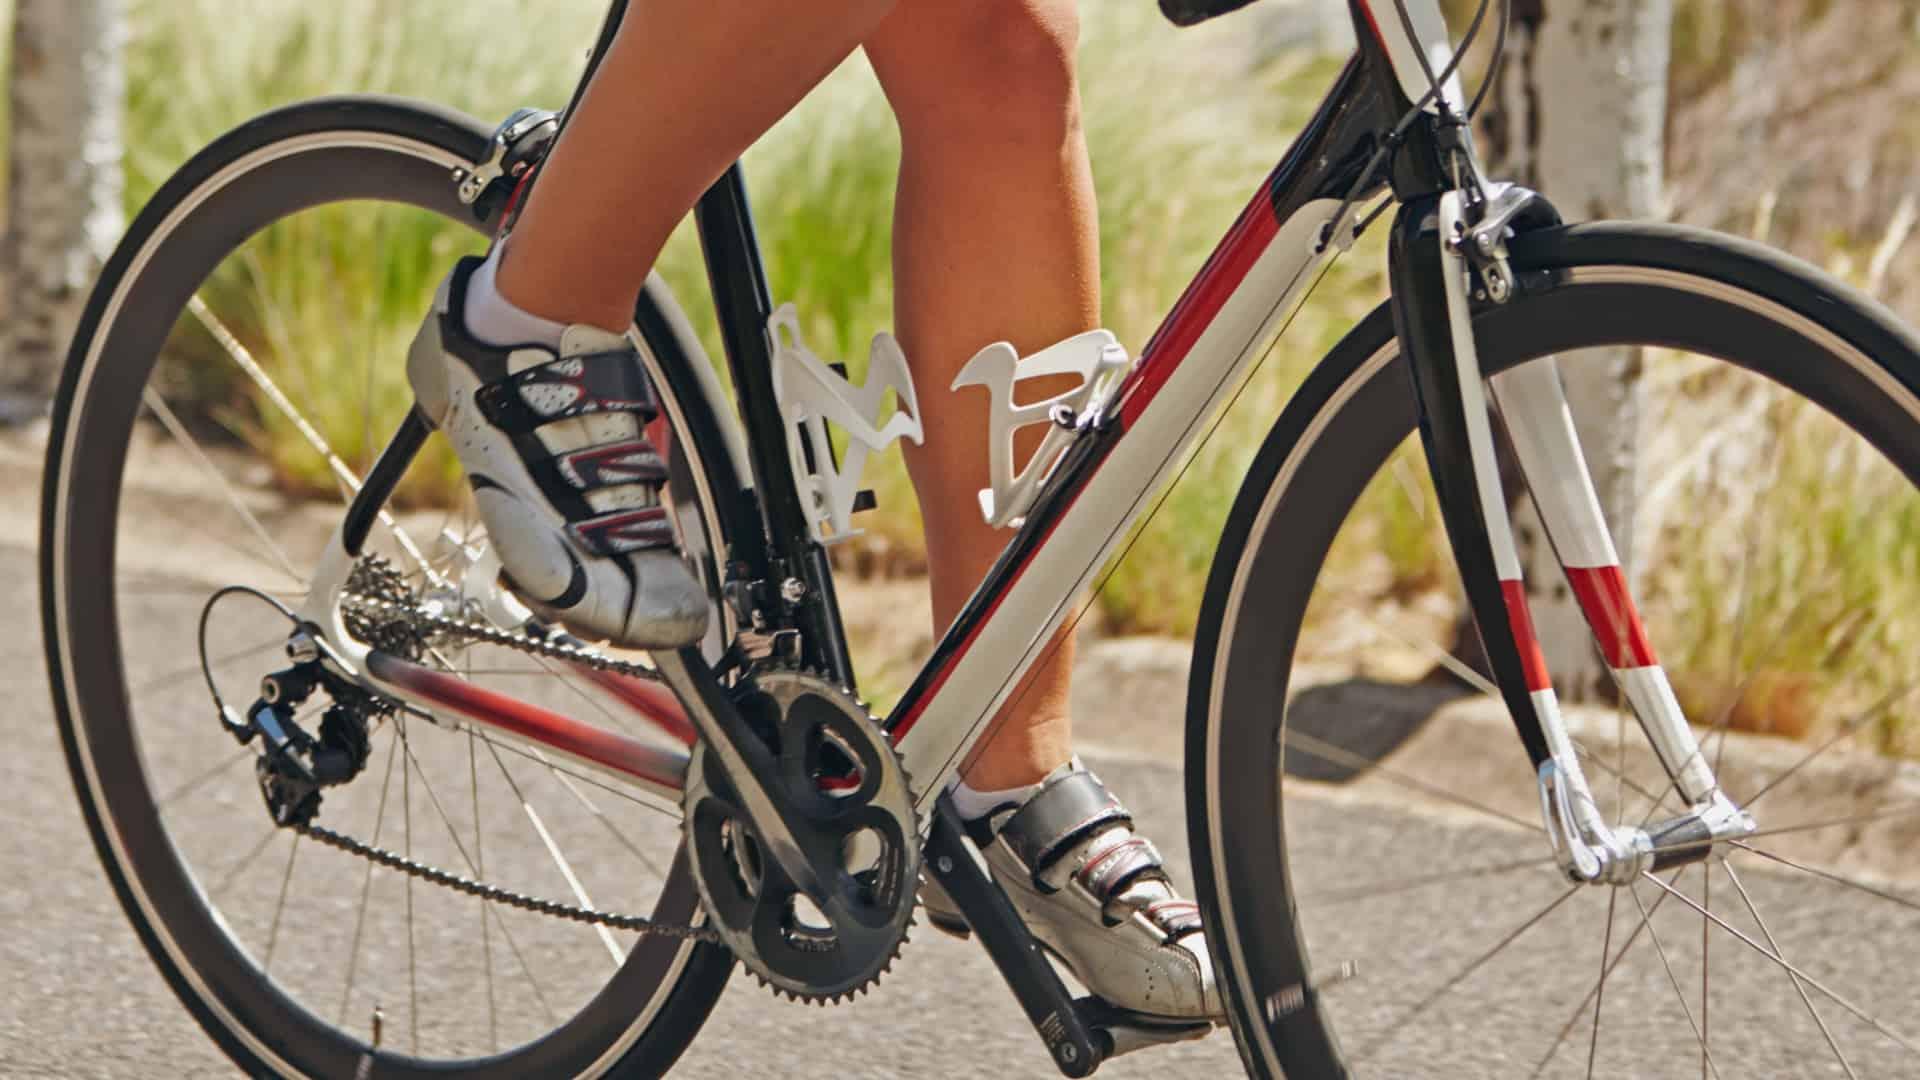 Zapatillas para bicicleta: ¿Cuáles son las mejores del 2020?